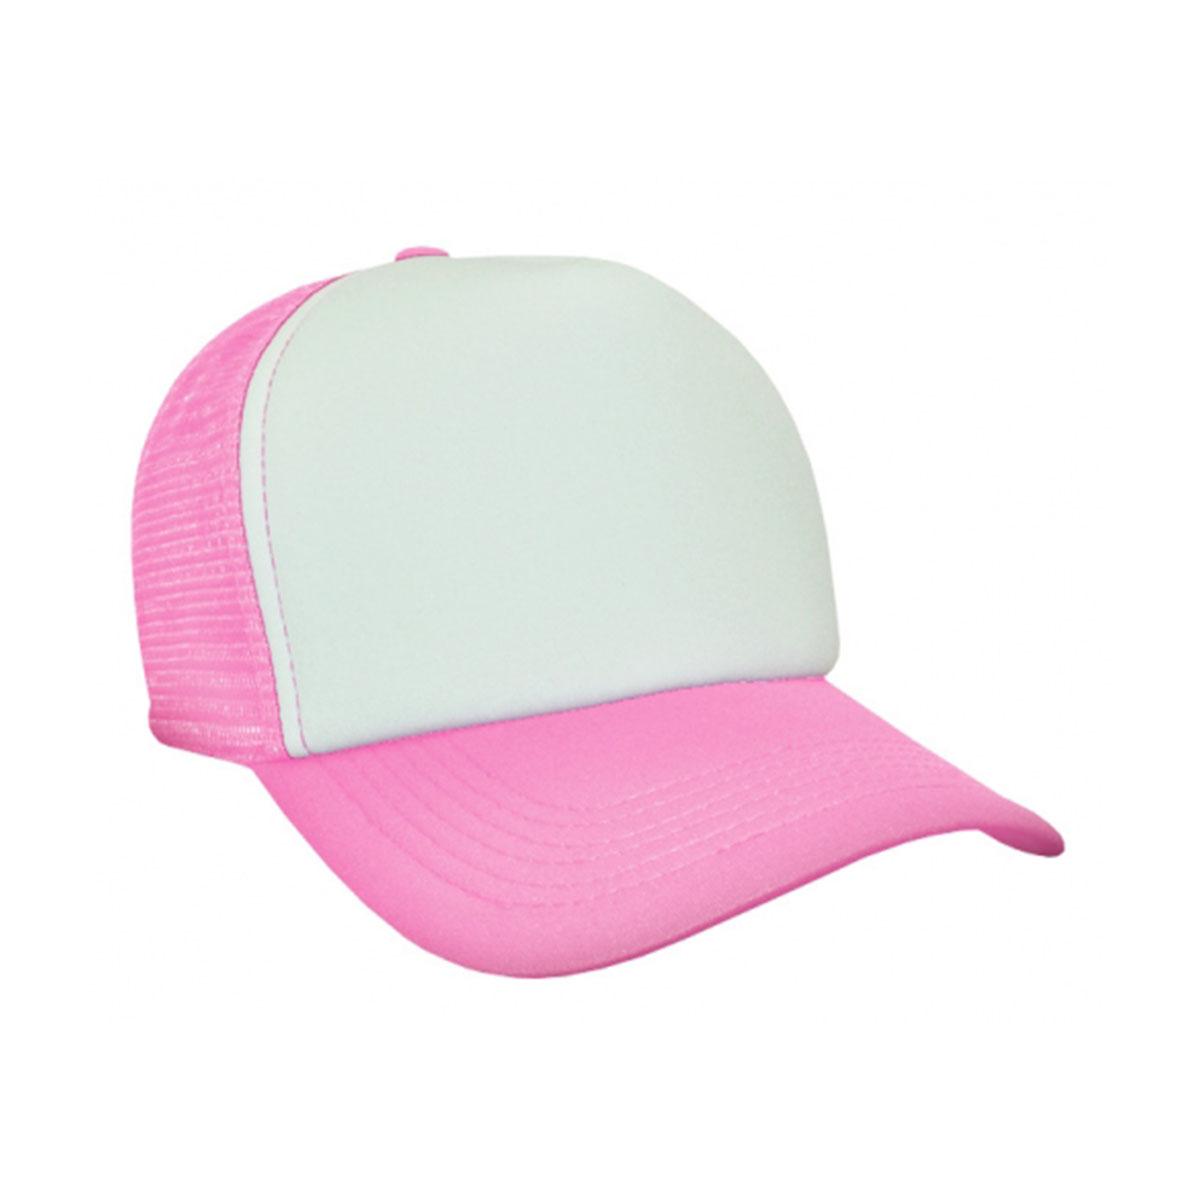 Trucker Mesh Cap-White / Pink